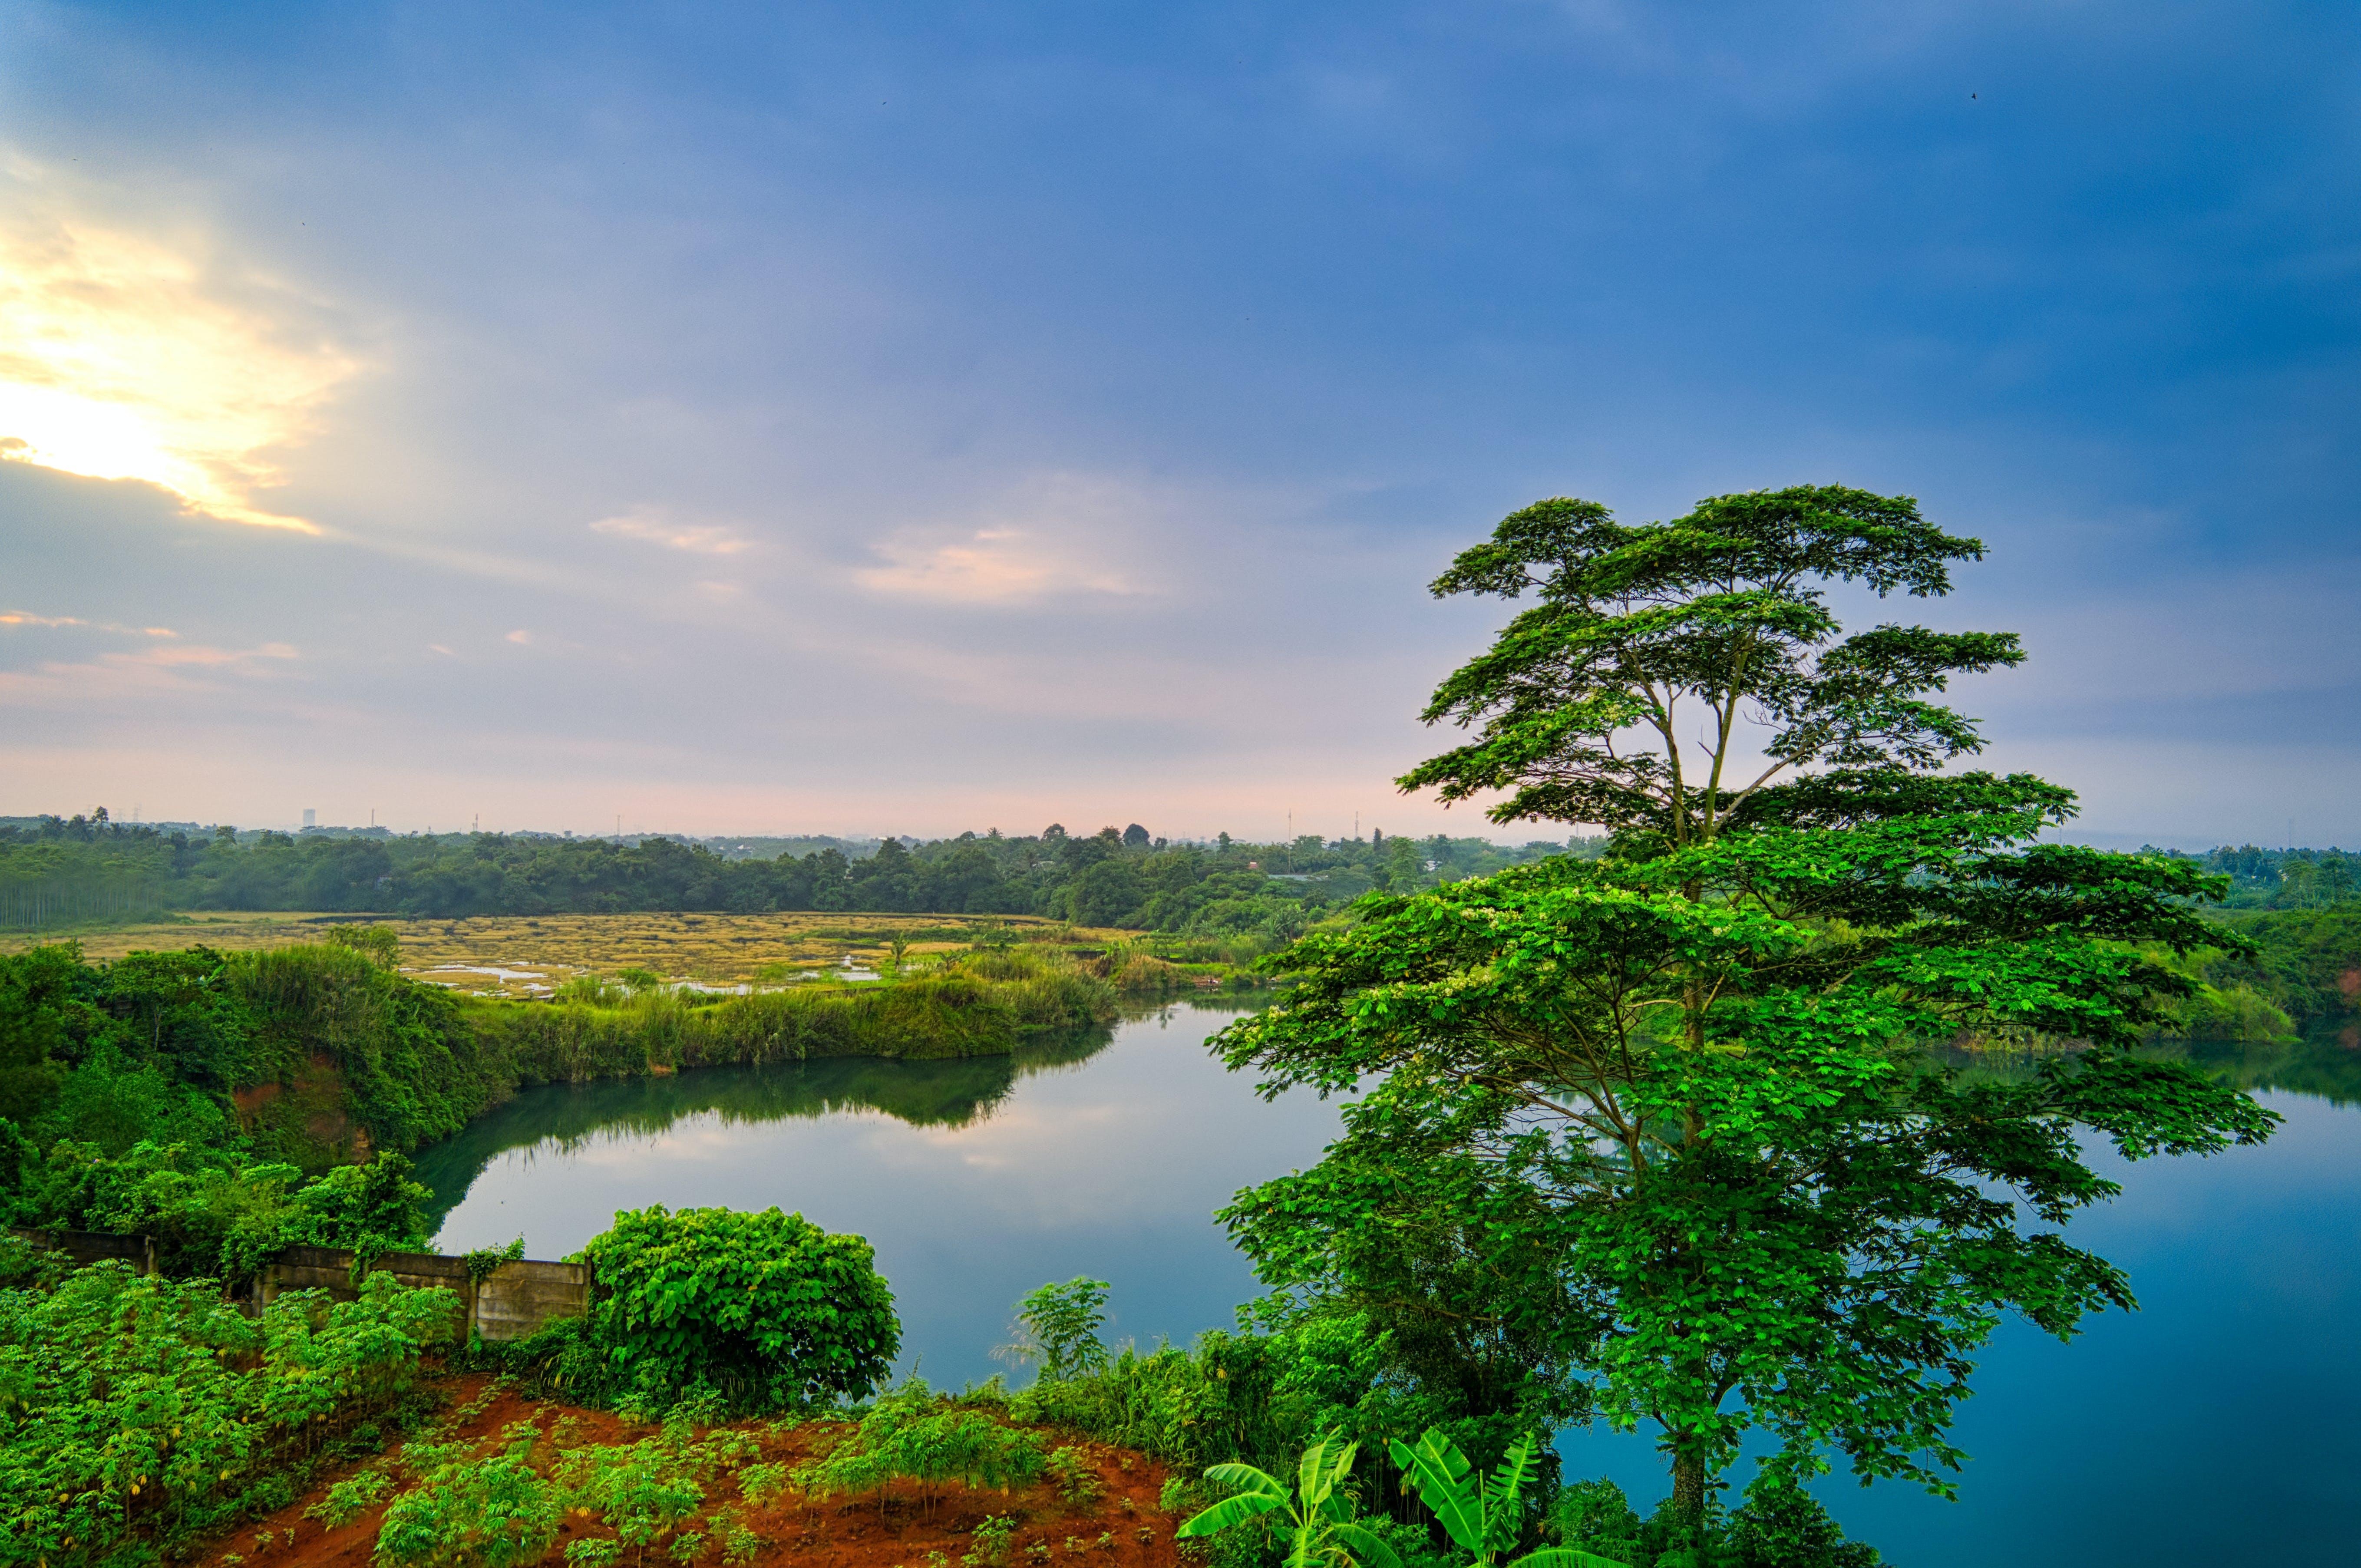 Green Tree Across Body of Water